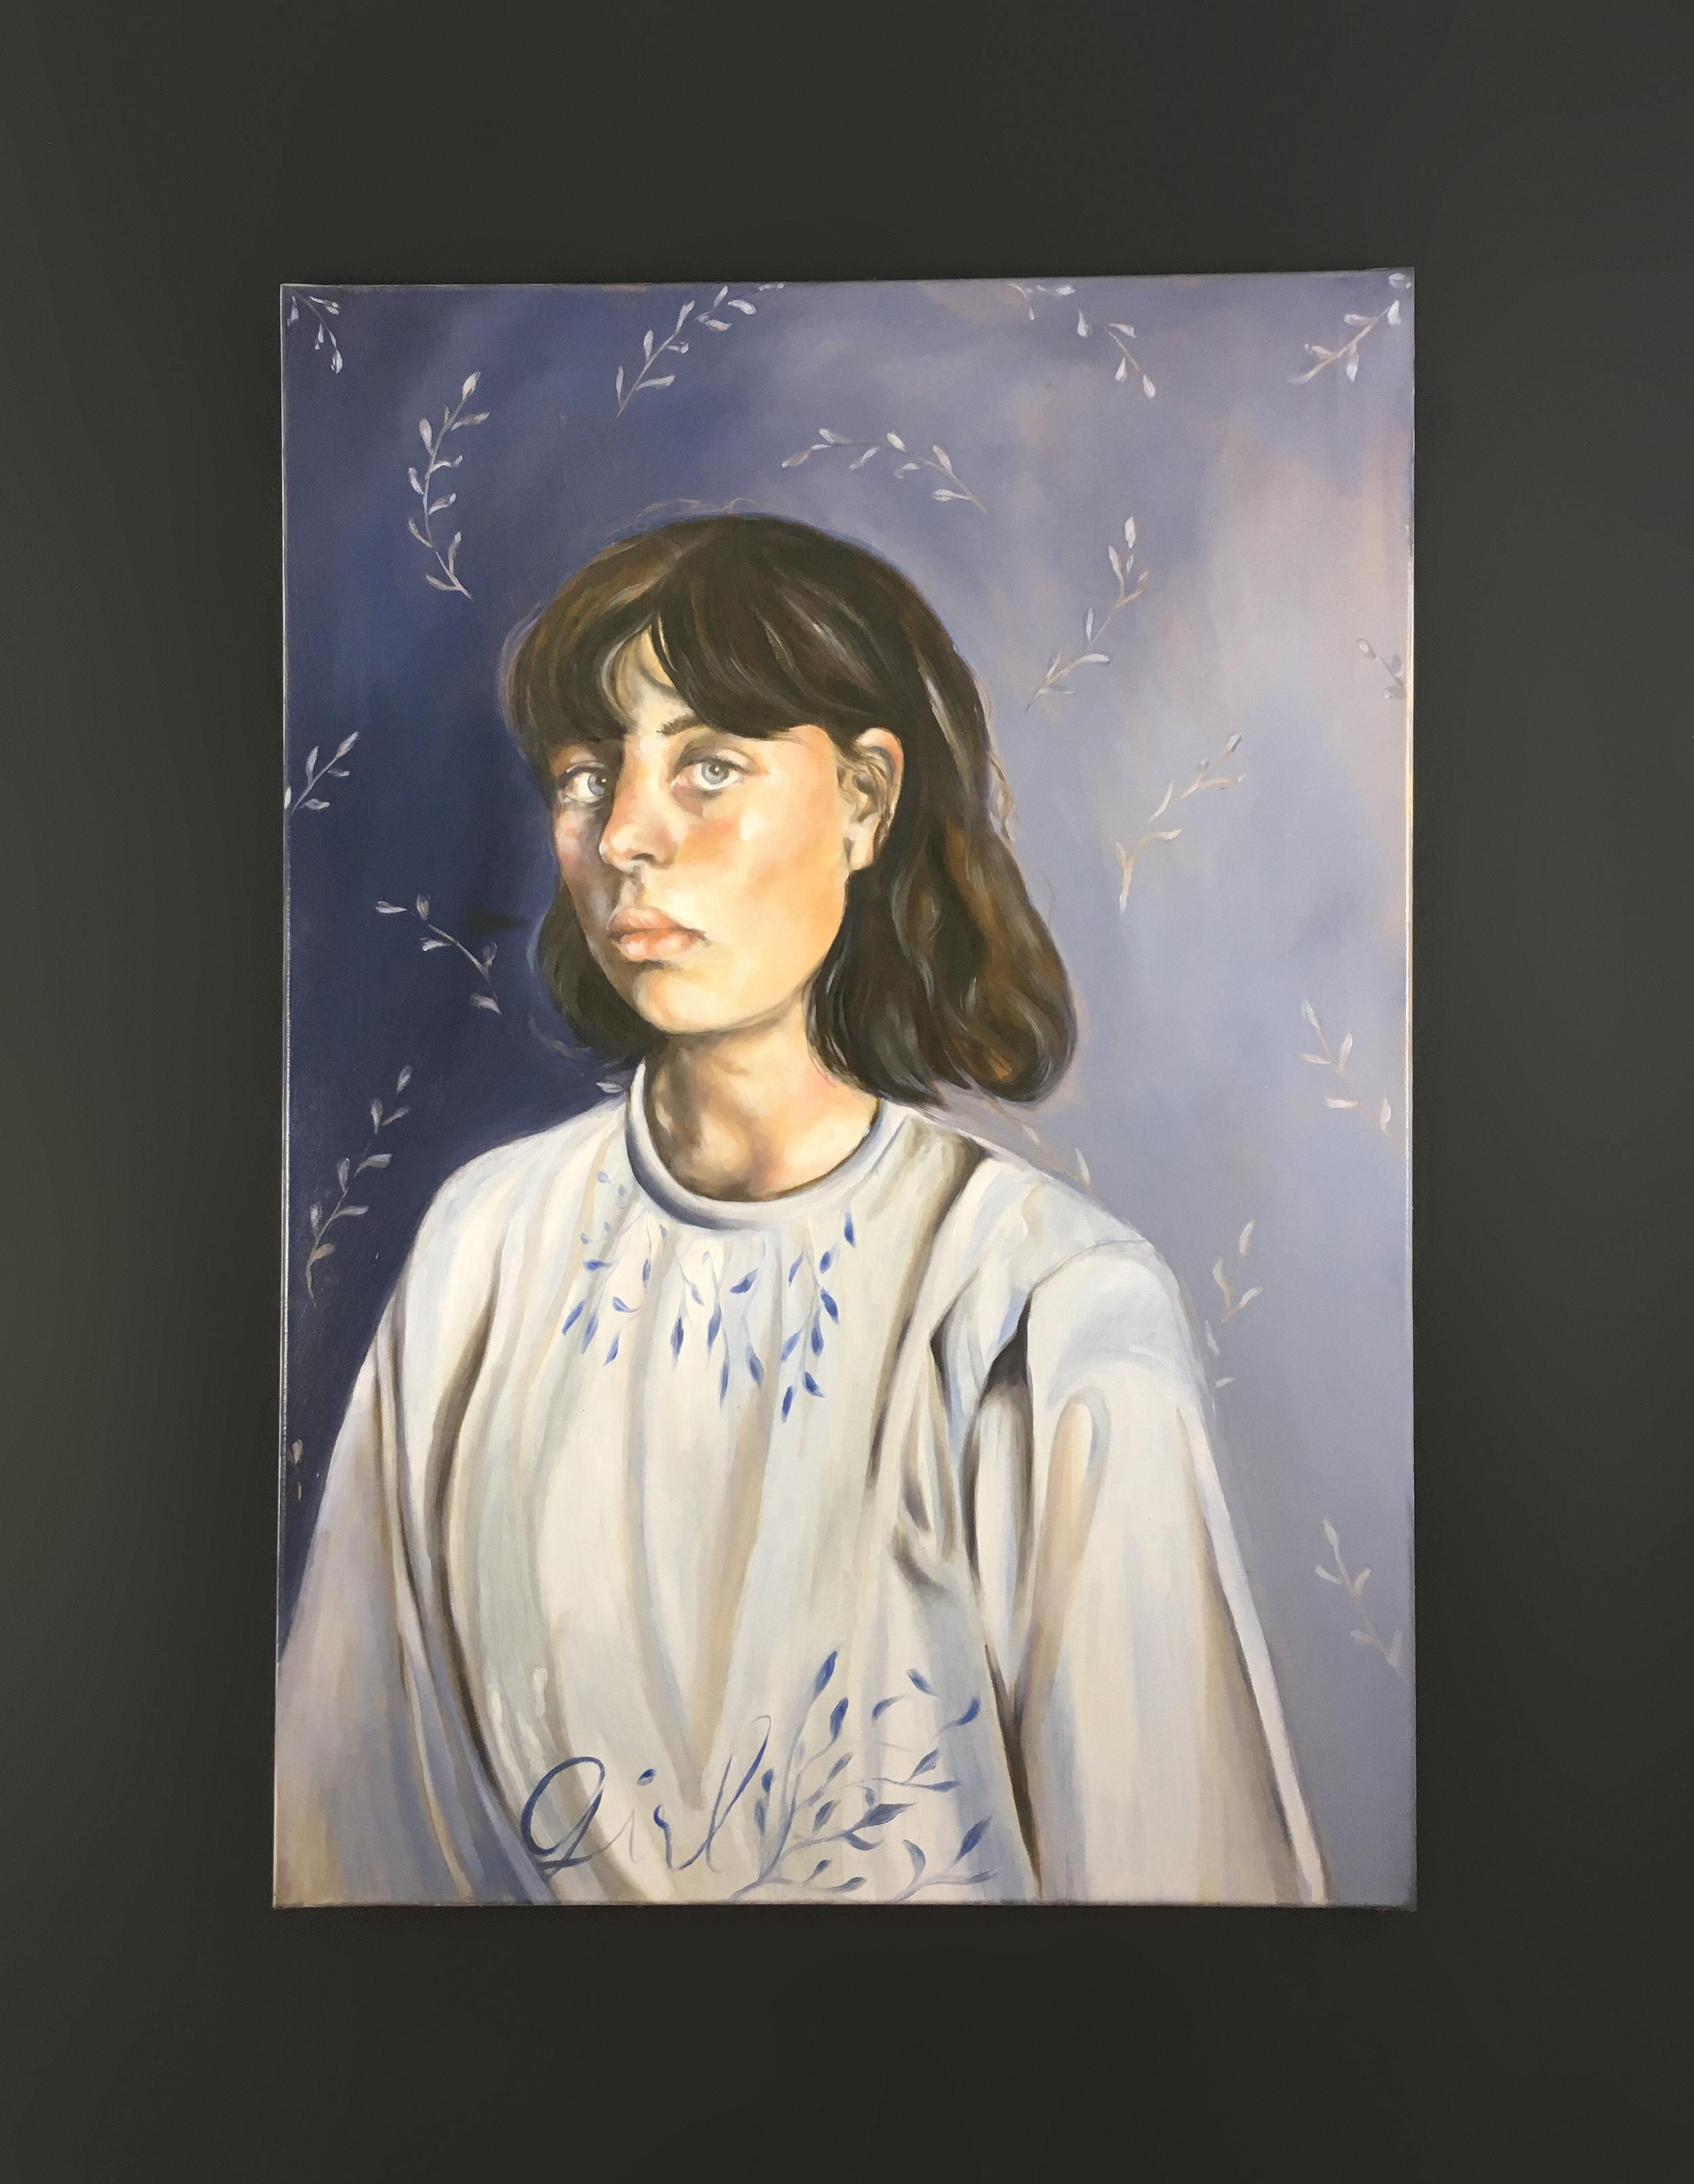 """Petite Fille - Huile sur toile, 116 x 81 cm, Toulouse, 2019Série """"Poétiques Peintures"""""""